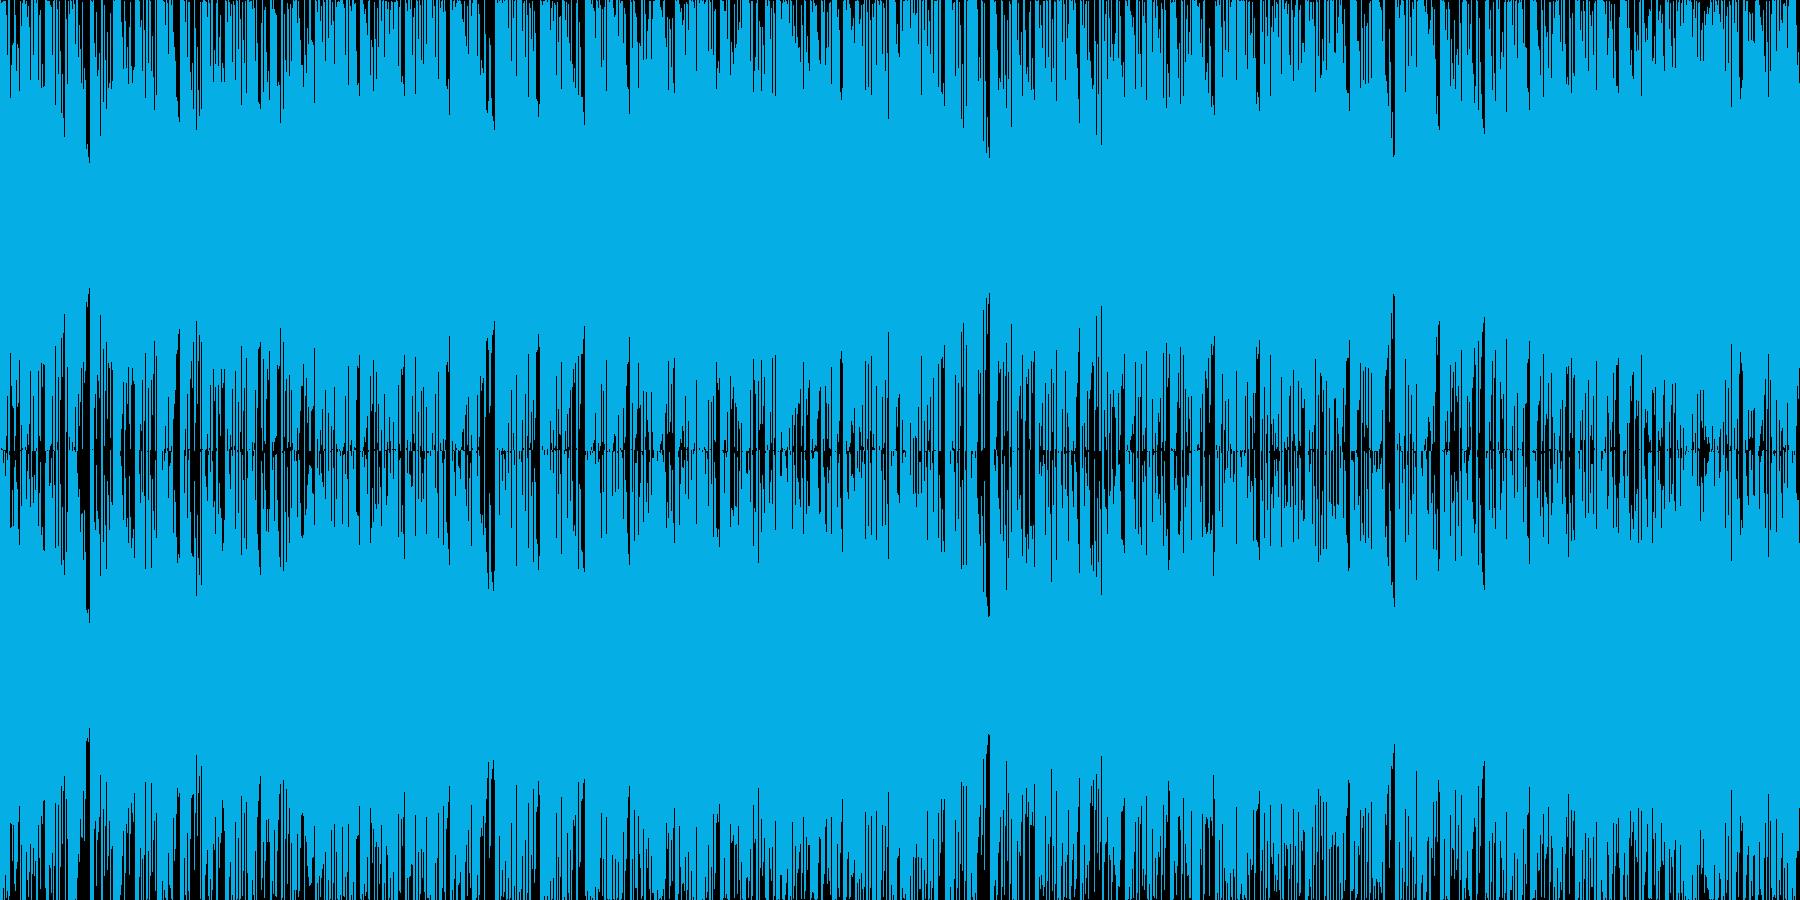 ループ使用可能な戦闘曲です。パズルゲー…の再生済みの波形